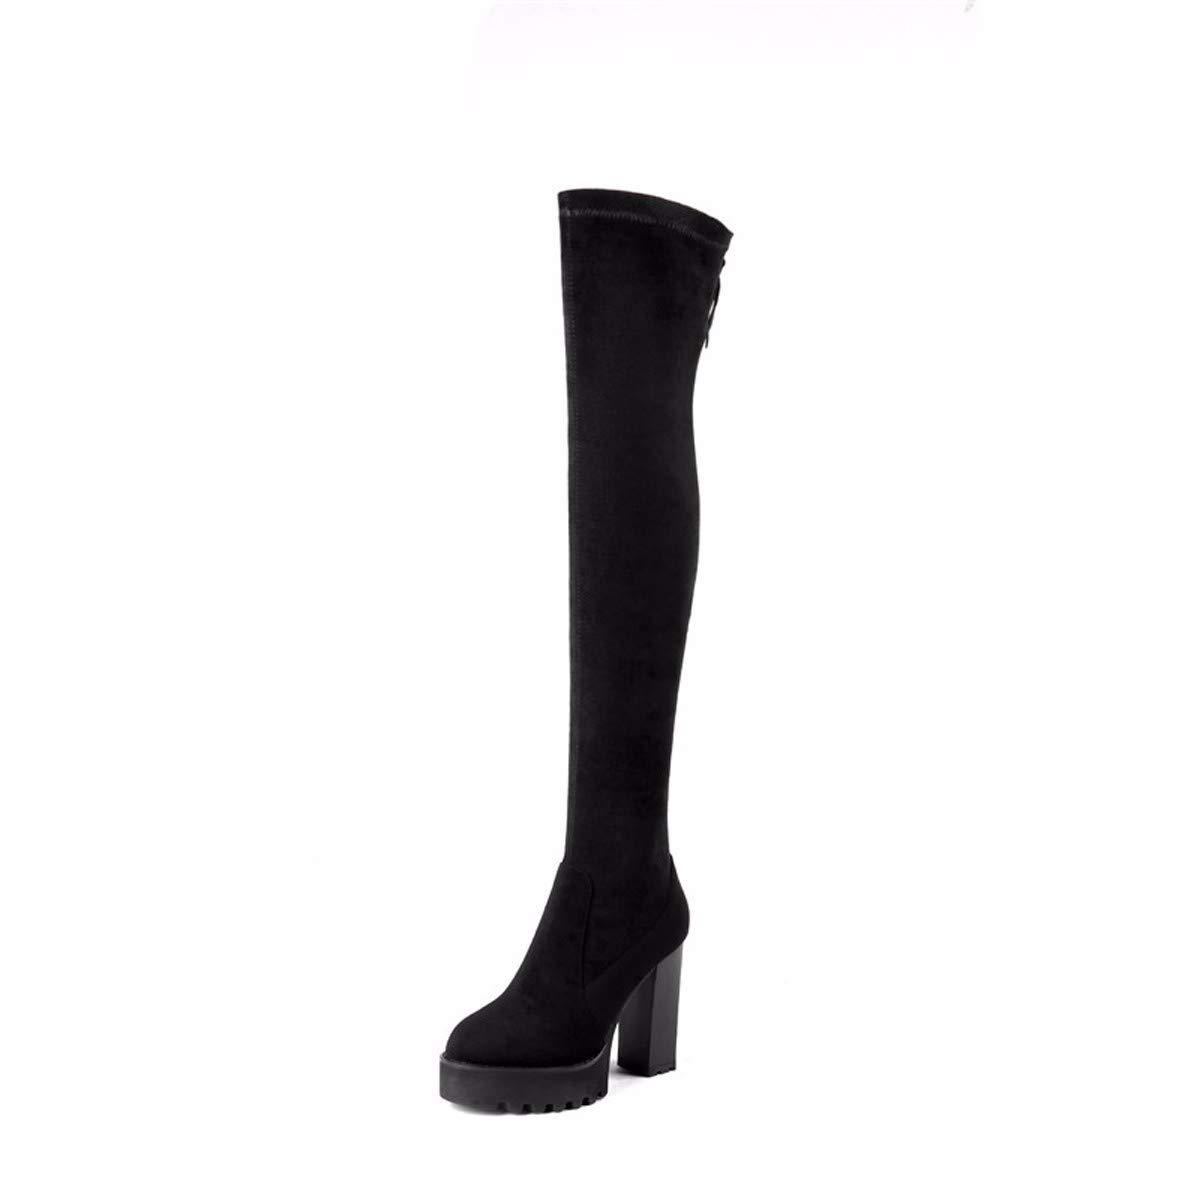 KPHY Damenschuhe Elastische Längen Röhre Ritter - Stiefel High 10.5Cm Wasserdichte Plattform Dicke Stiefel Schwarze Stiefel In Die Knie.